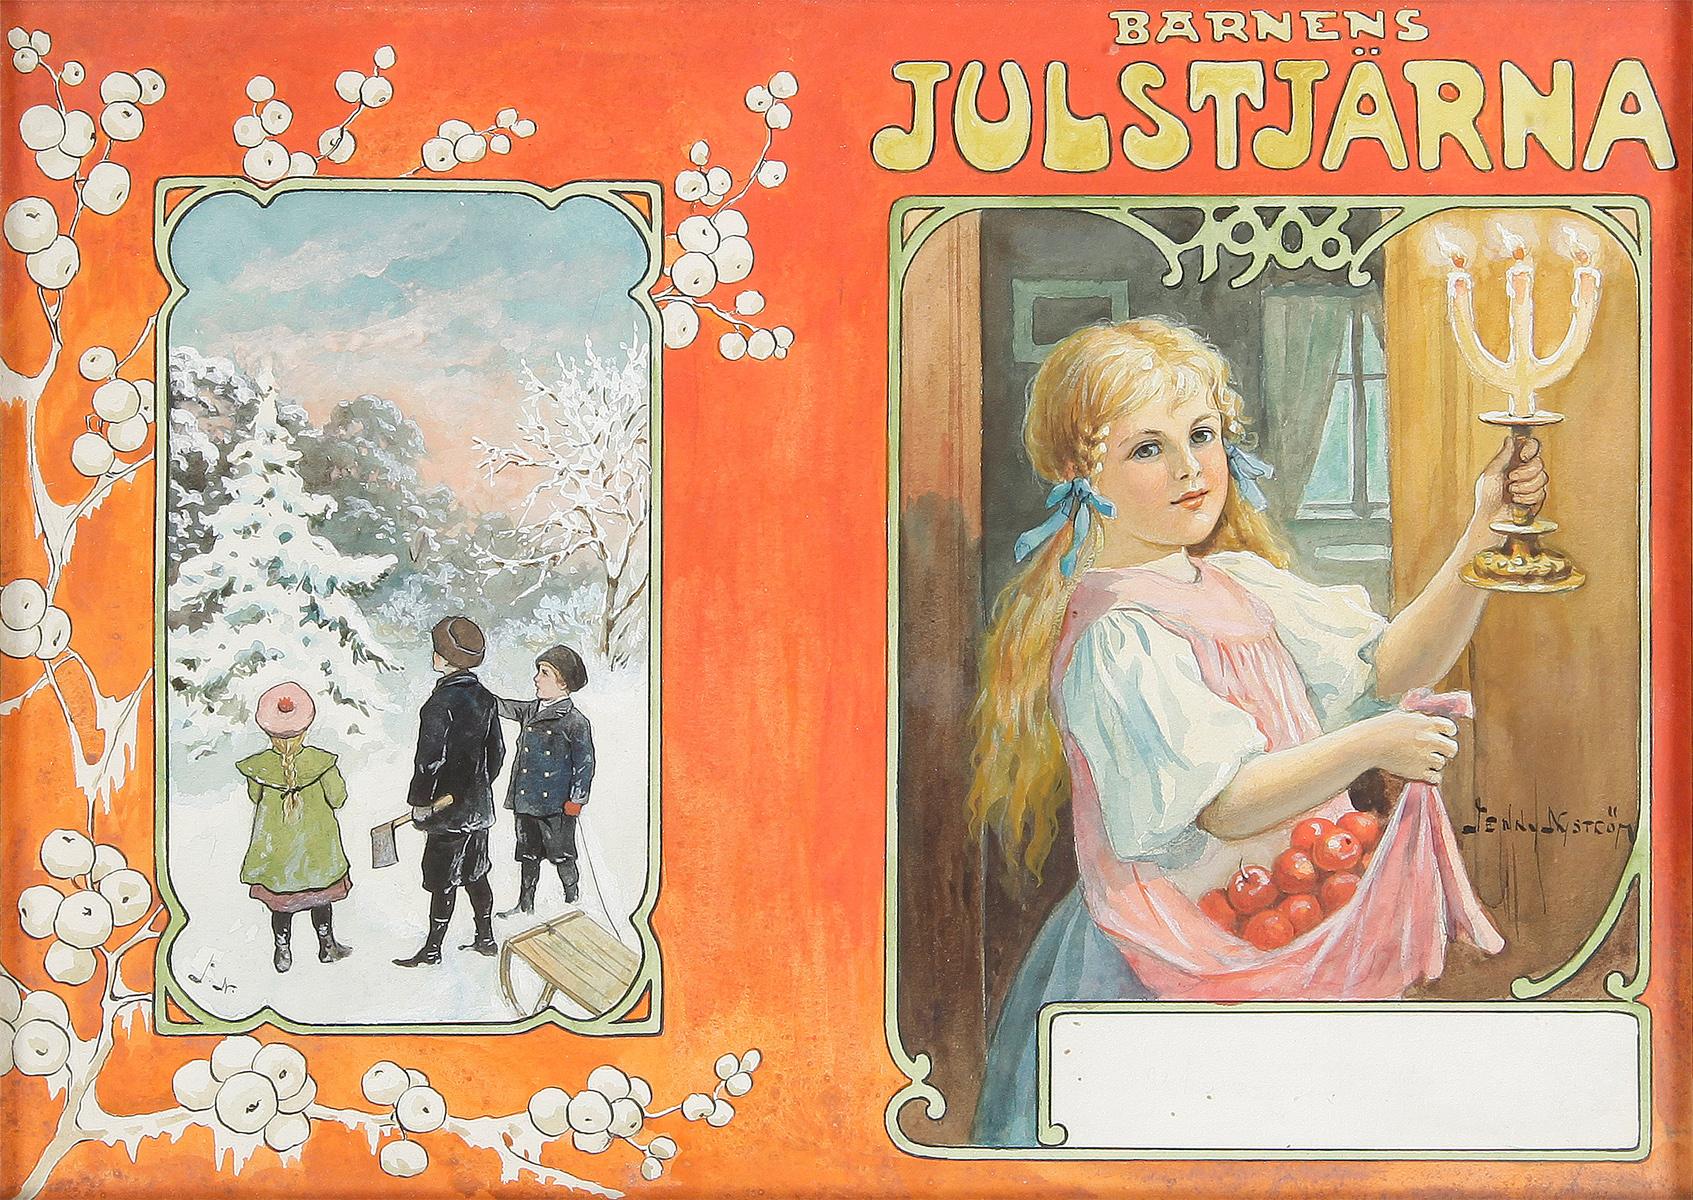 Barnens Julstjärna - Jenny Nyström - 1906